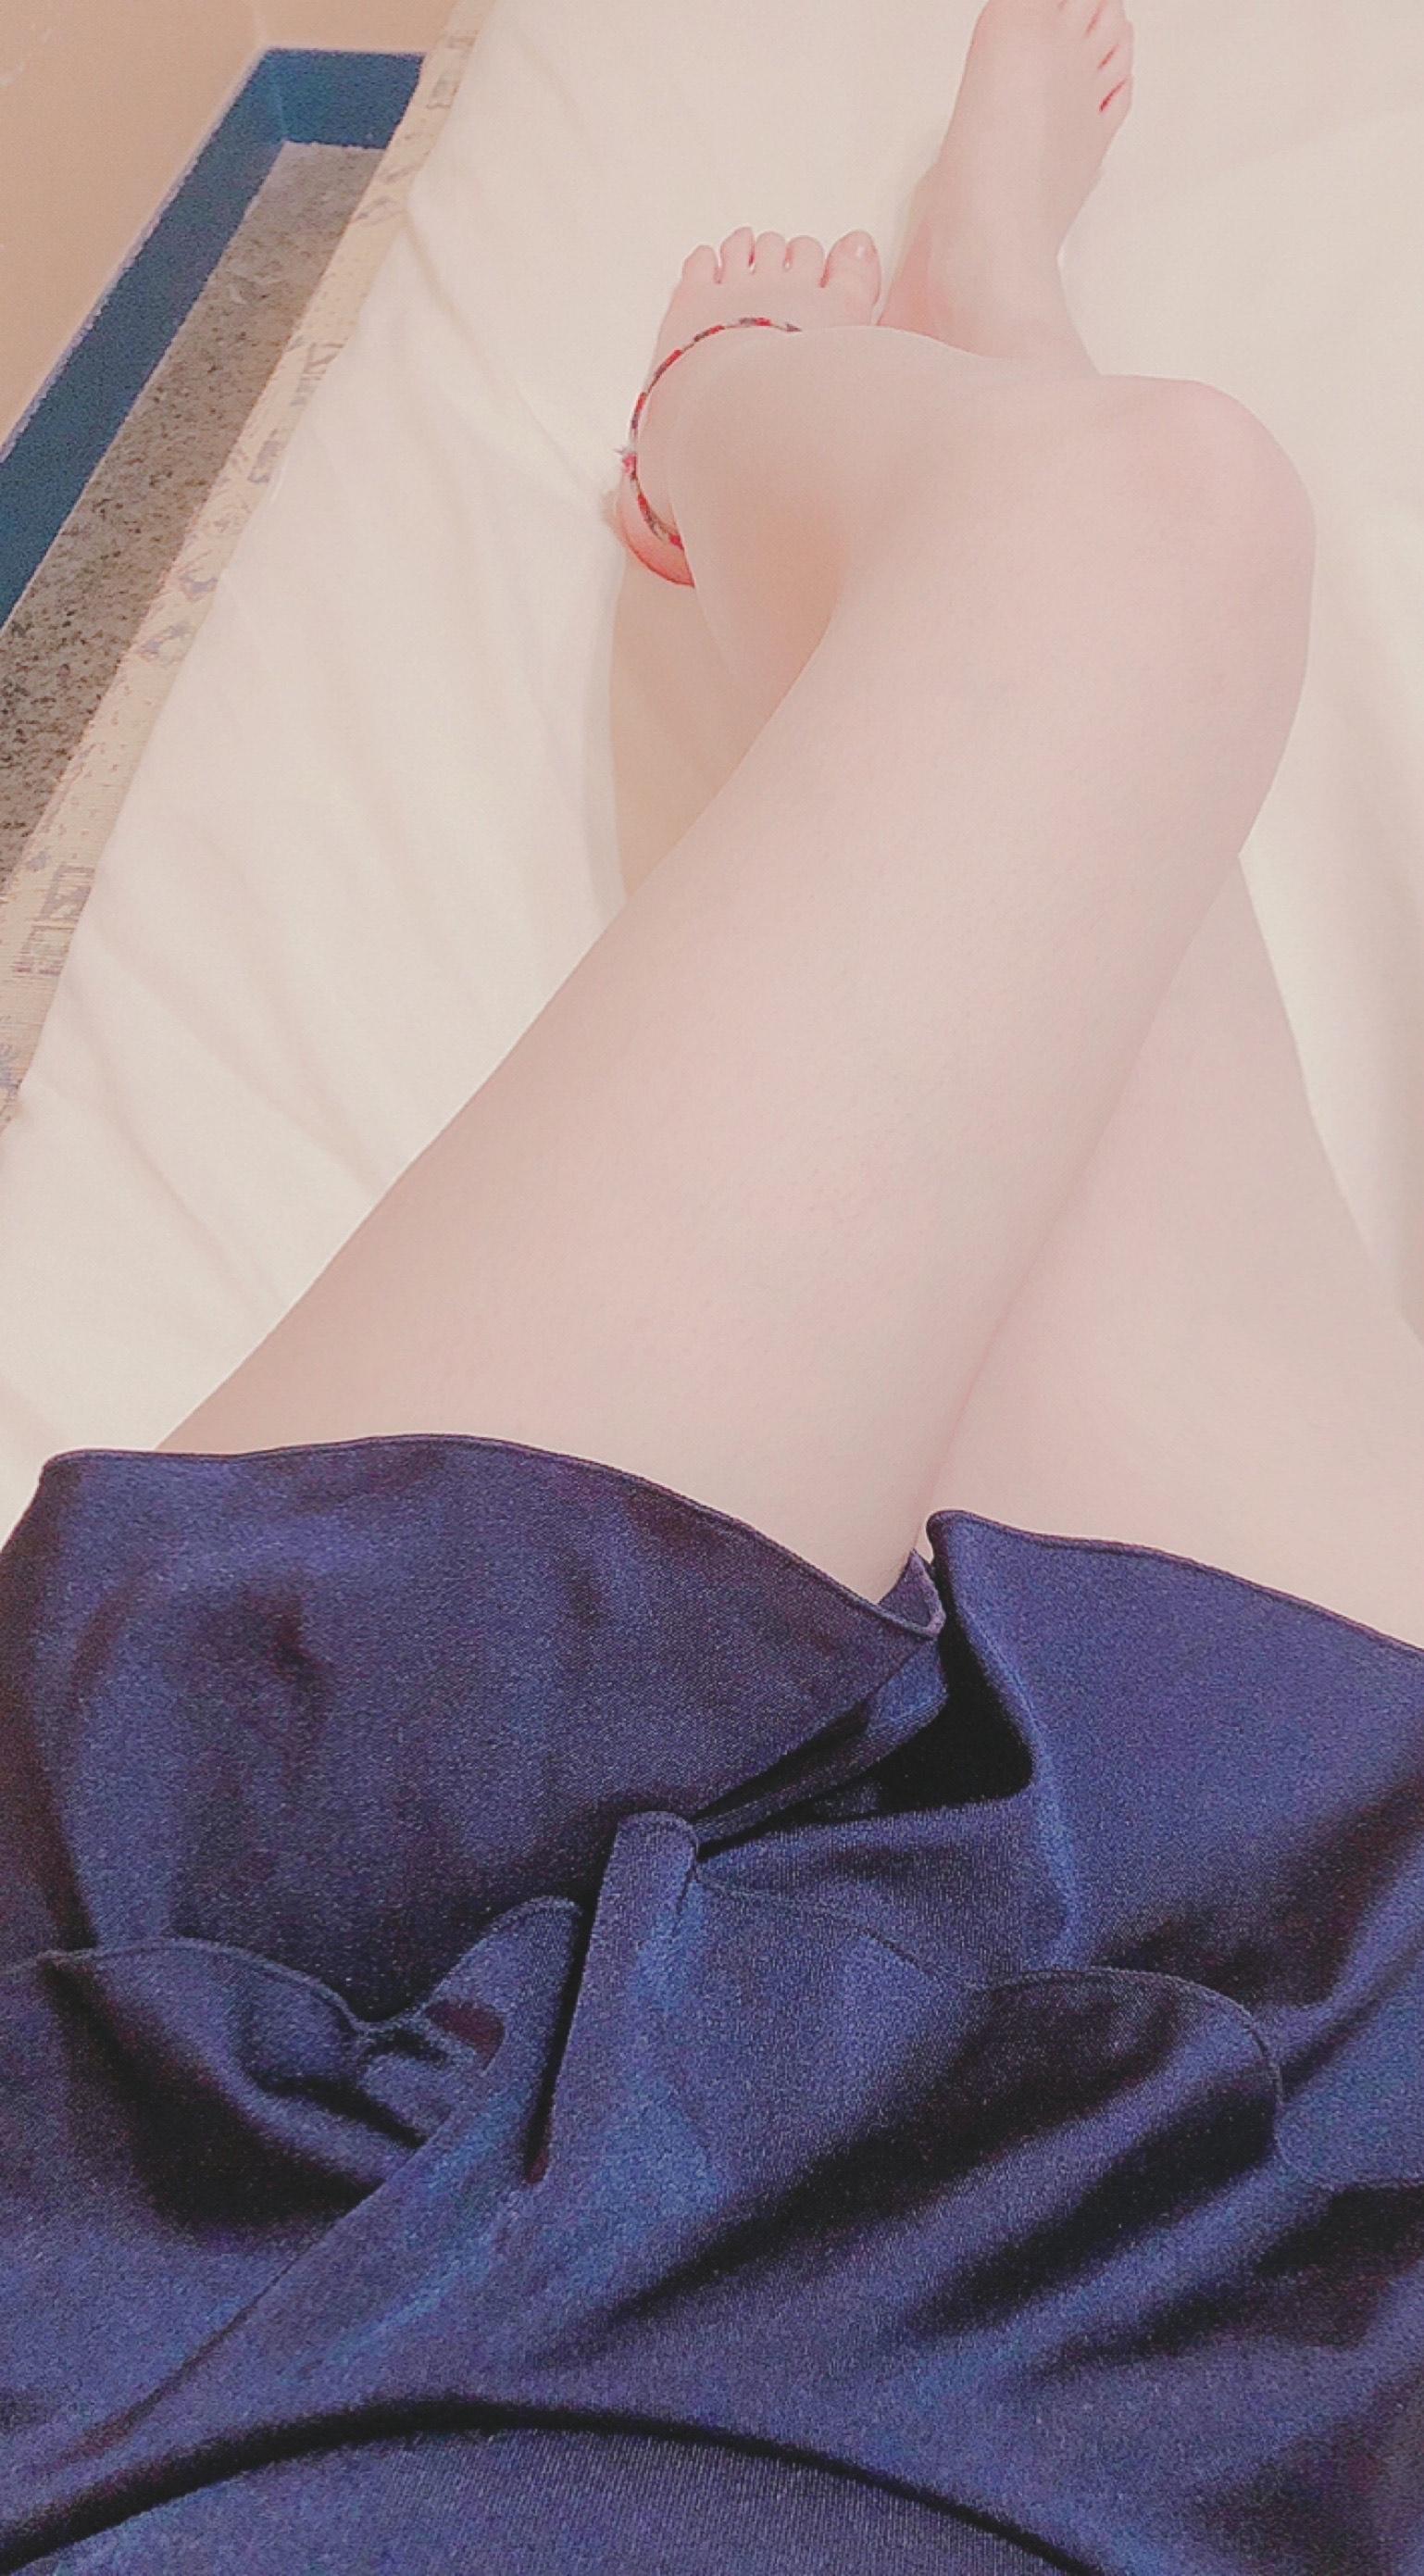 「明日から」05/06日(木) 20:46 | おとの写メ・風俗動画